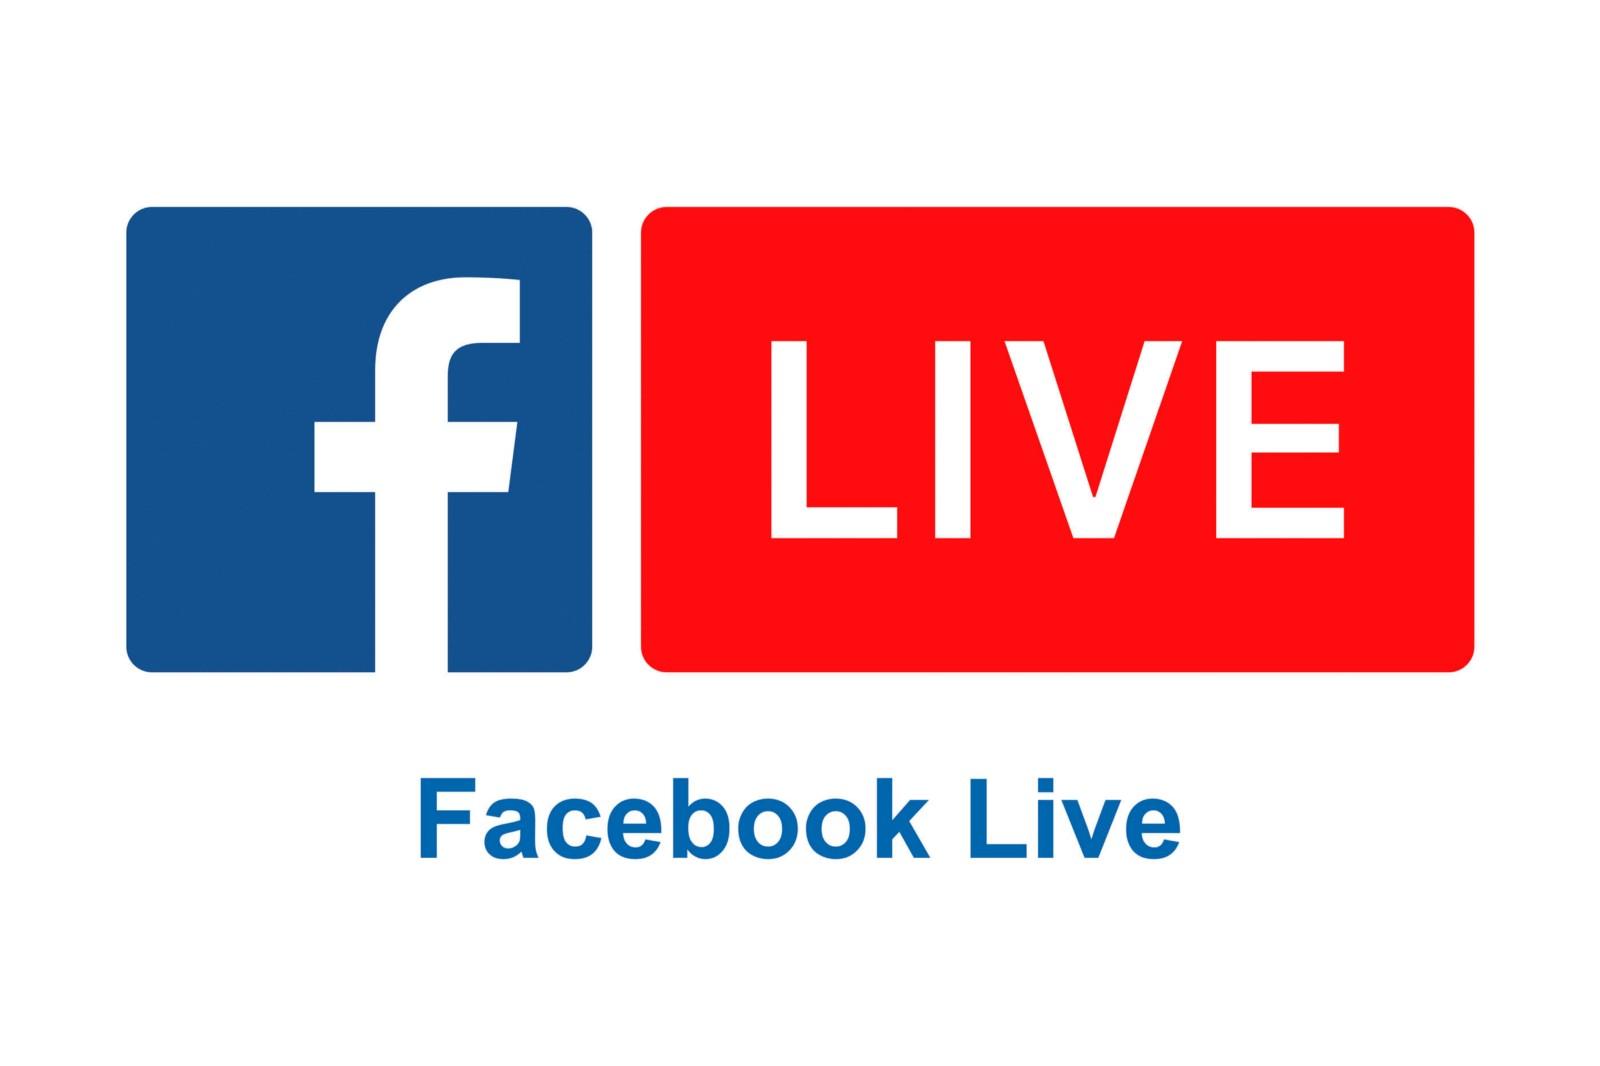 फेसबुकले लाइभ स्ट्रिमिङमा कडाइ गर्दै